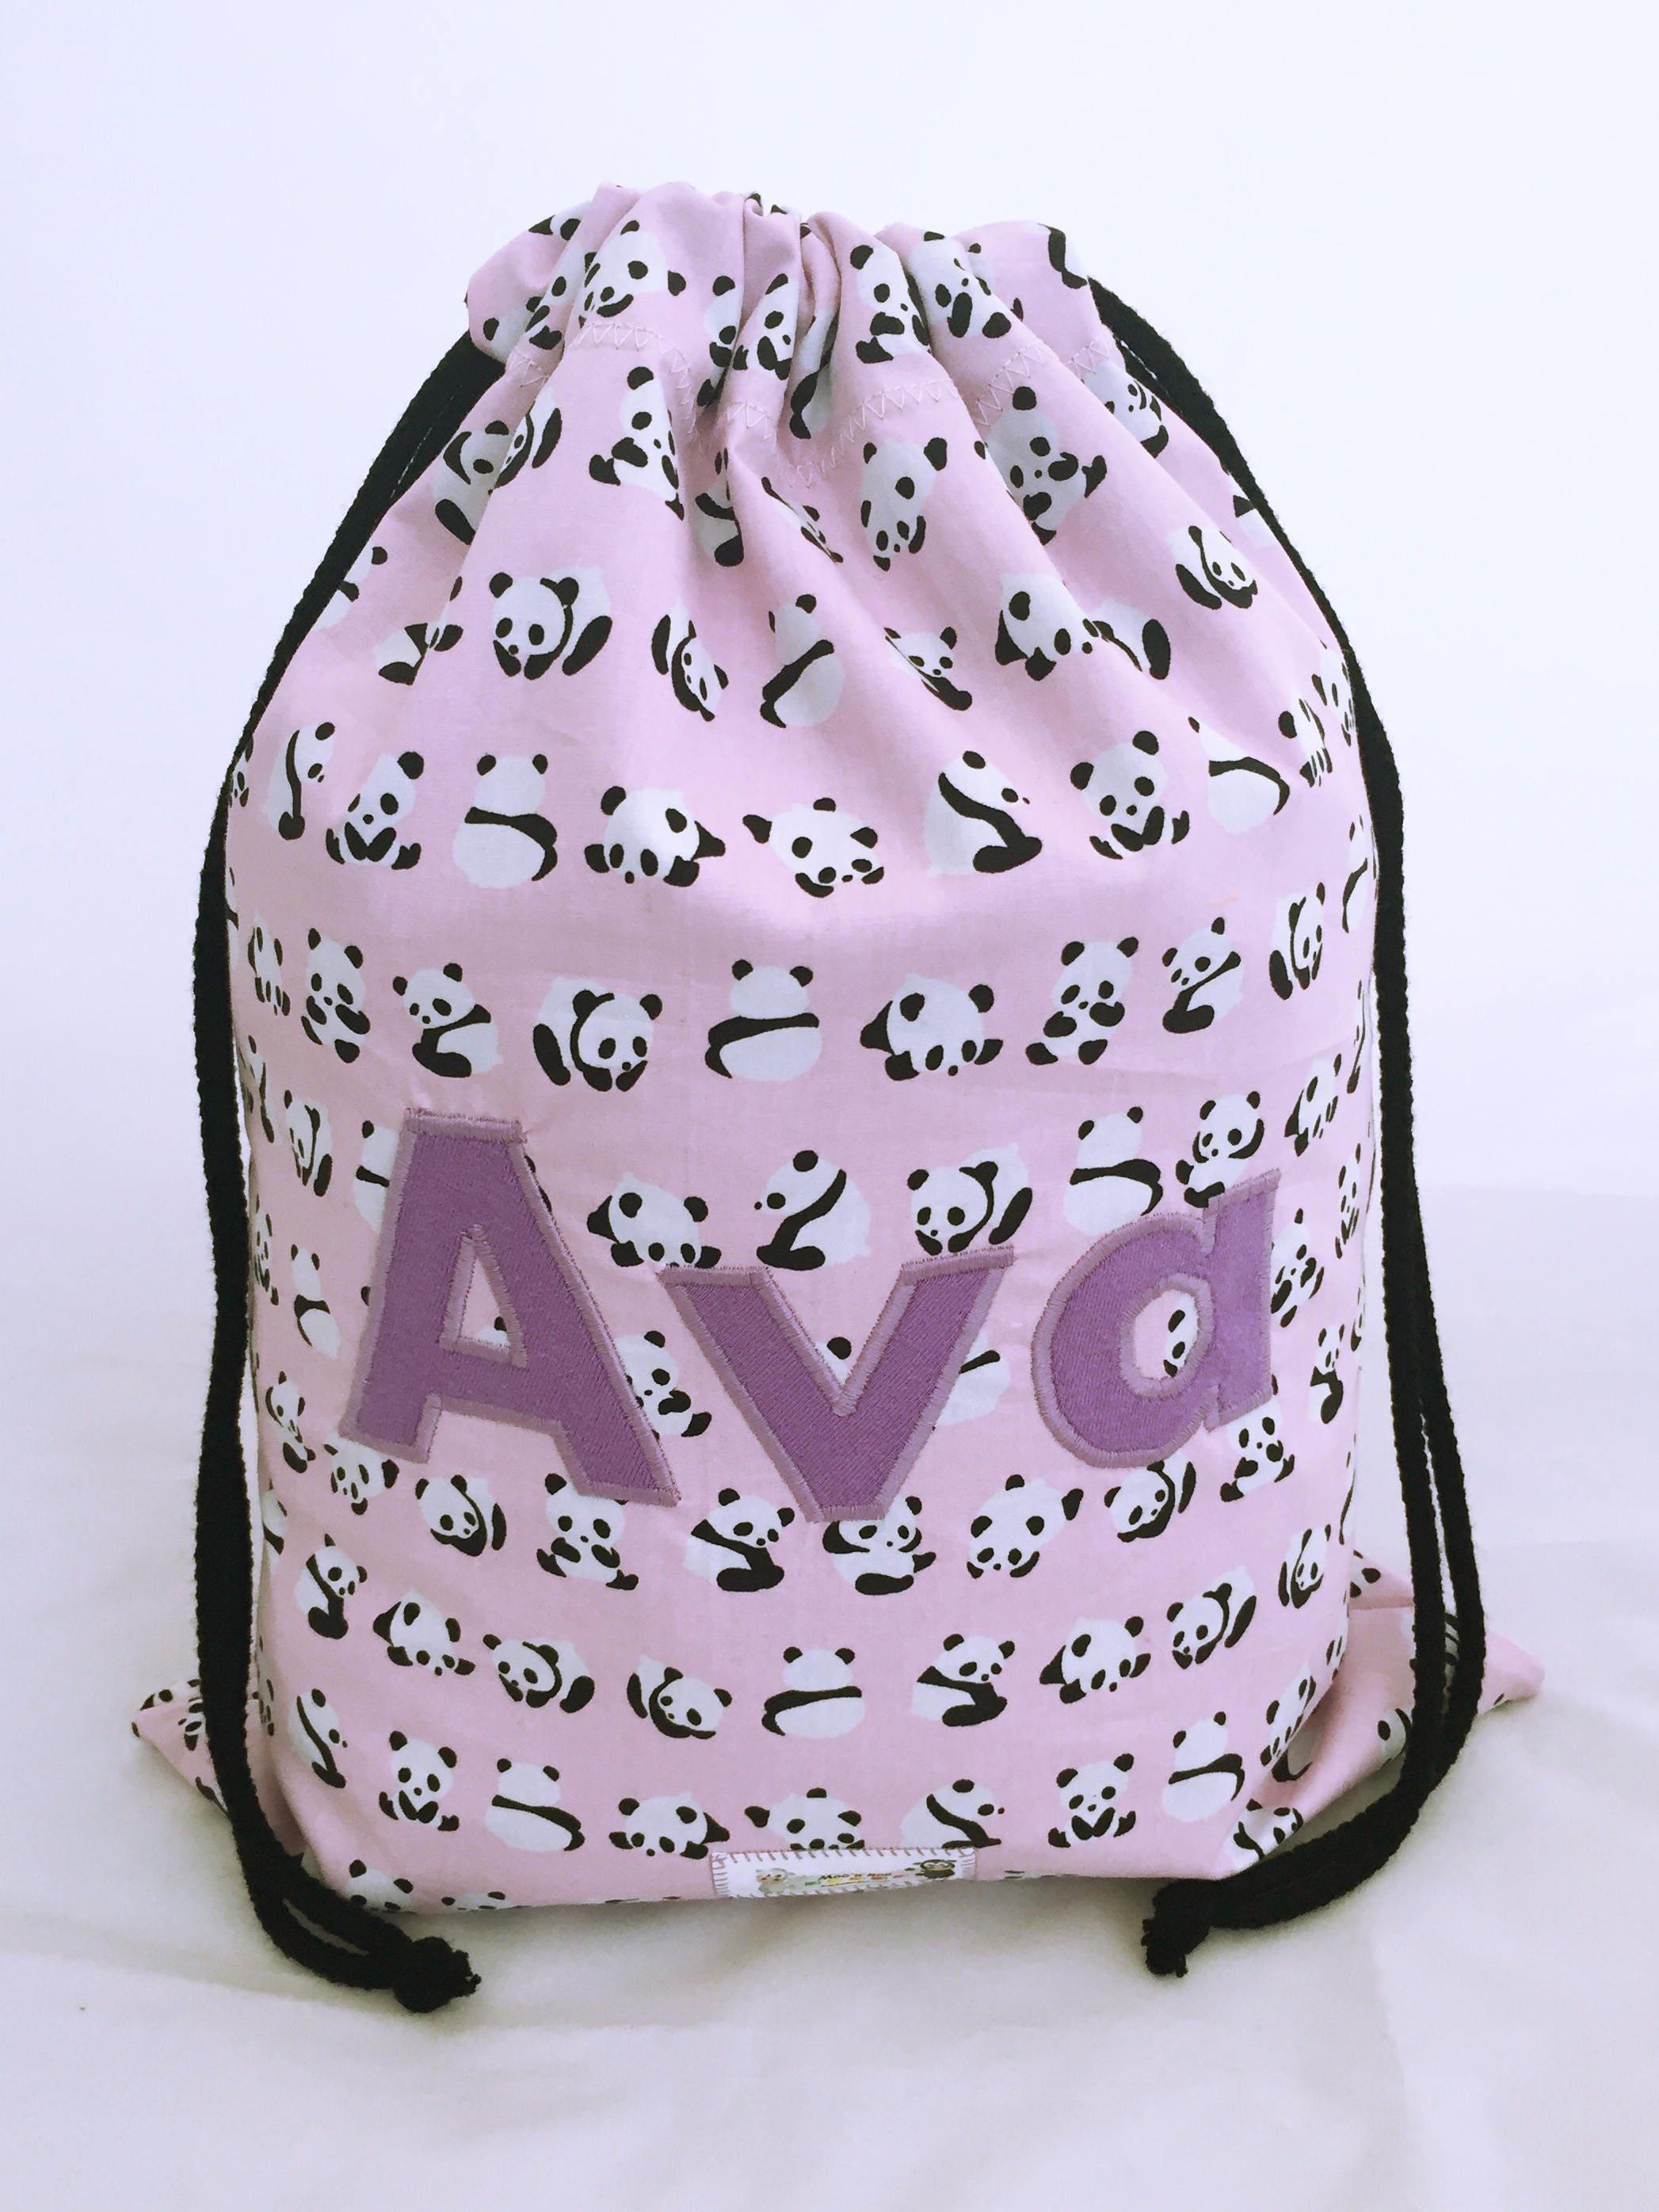 Childrens Personalised Bag Waterproof Backpack PE Bag Swim Bag Panda Bears Named School Bag Nursery Bag Water Resistant Bag